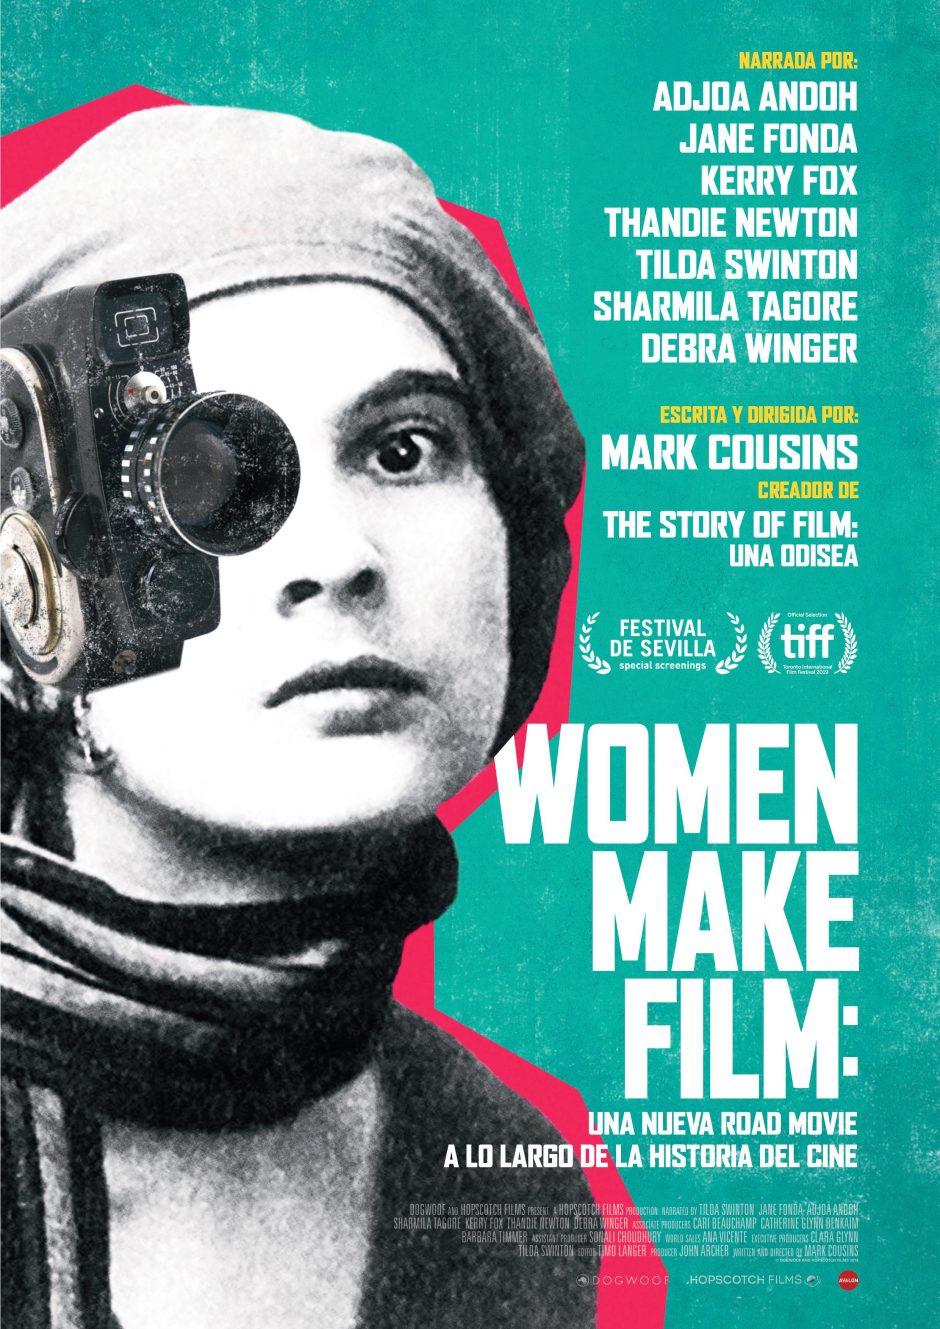 Actividades de la Fundación Academia de Cine en el mes de marzo